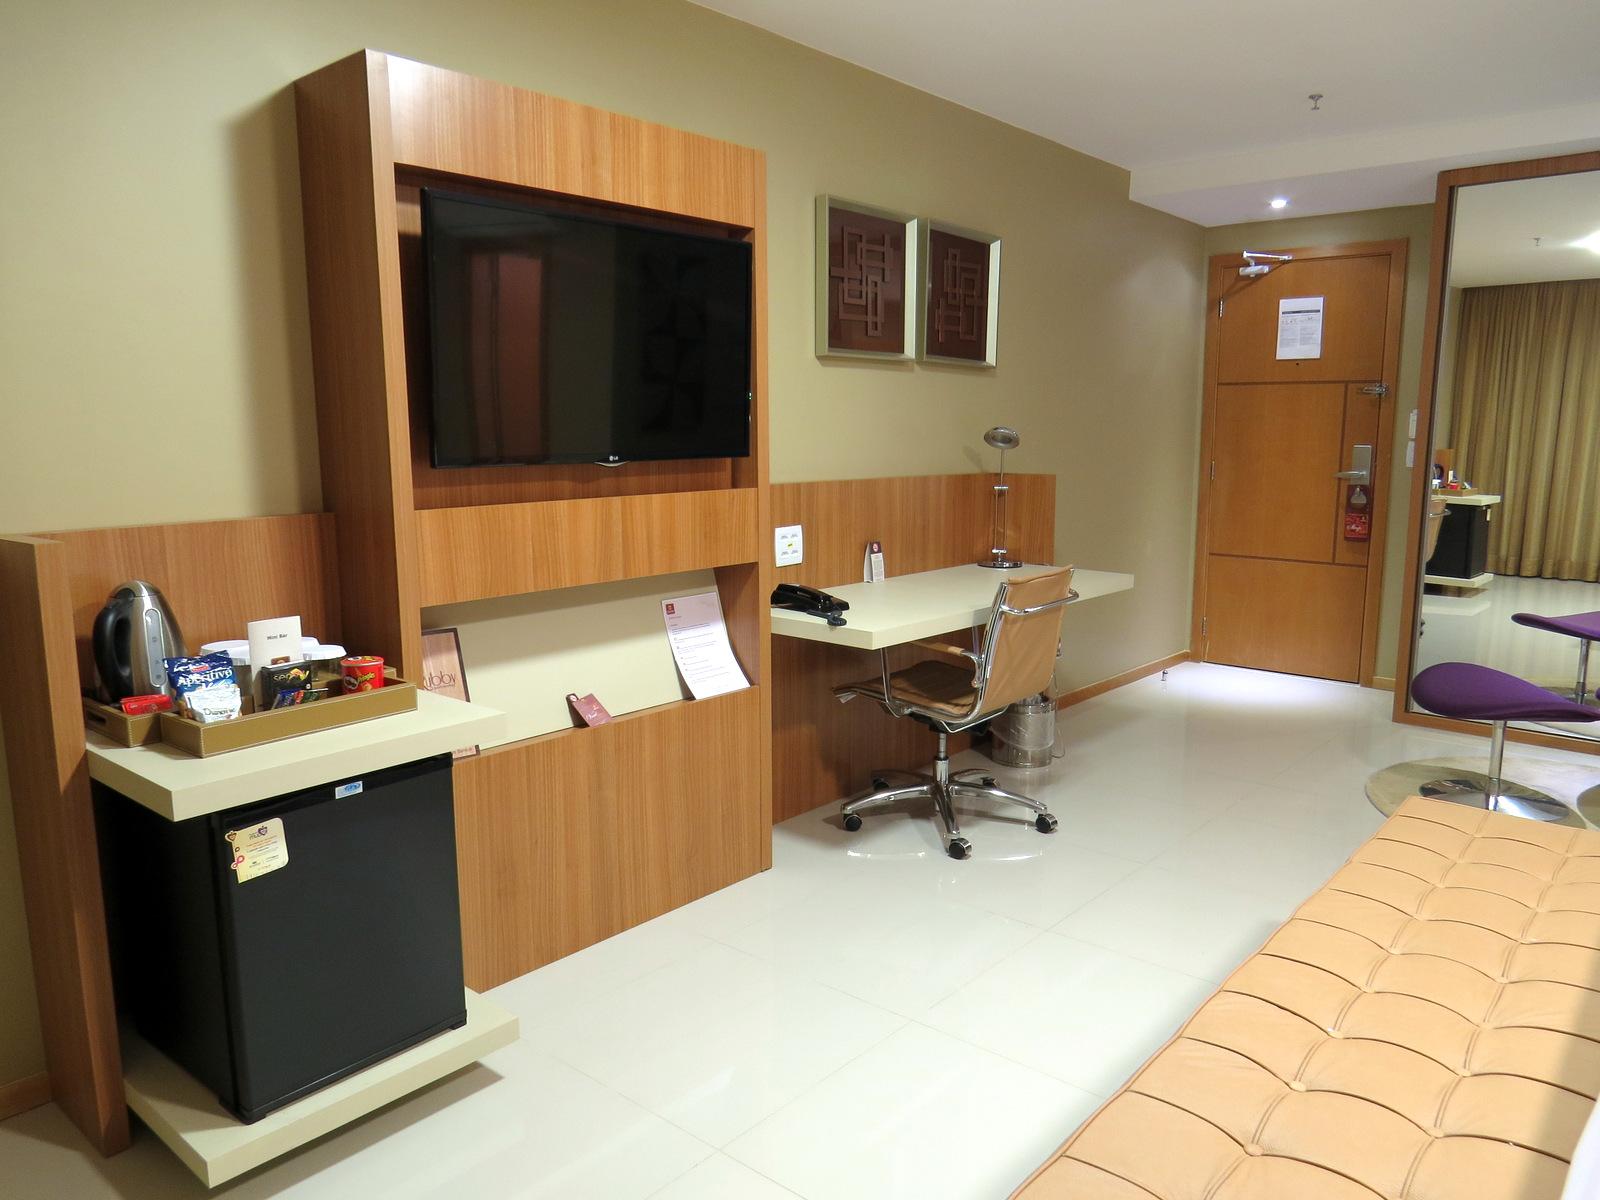 banheiros mesa de jantar e banheira de hidromassagem na varanda #6D4624 1600x1200 Balança Digital Para Banheiro Em Fortaleza